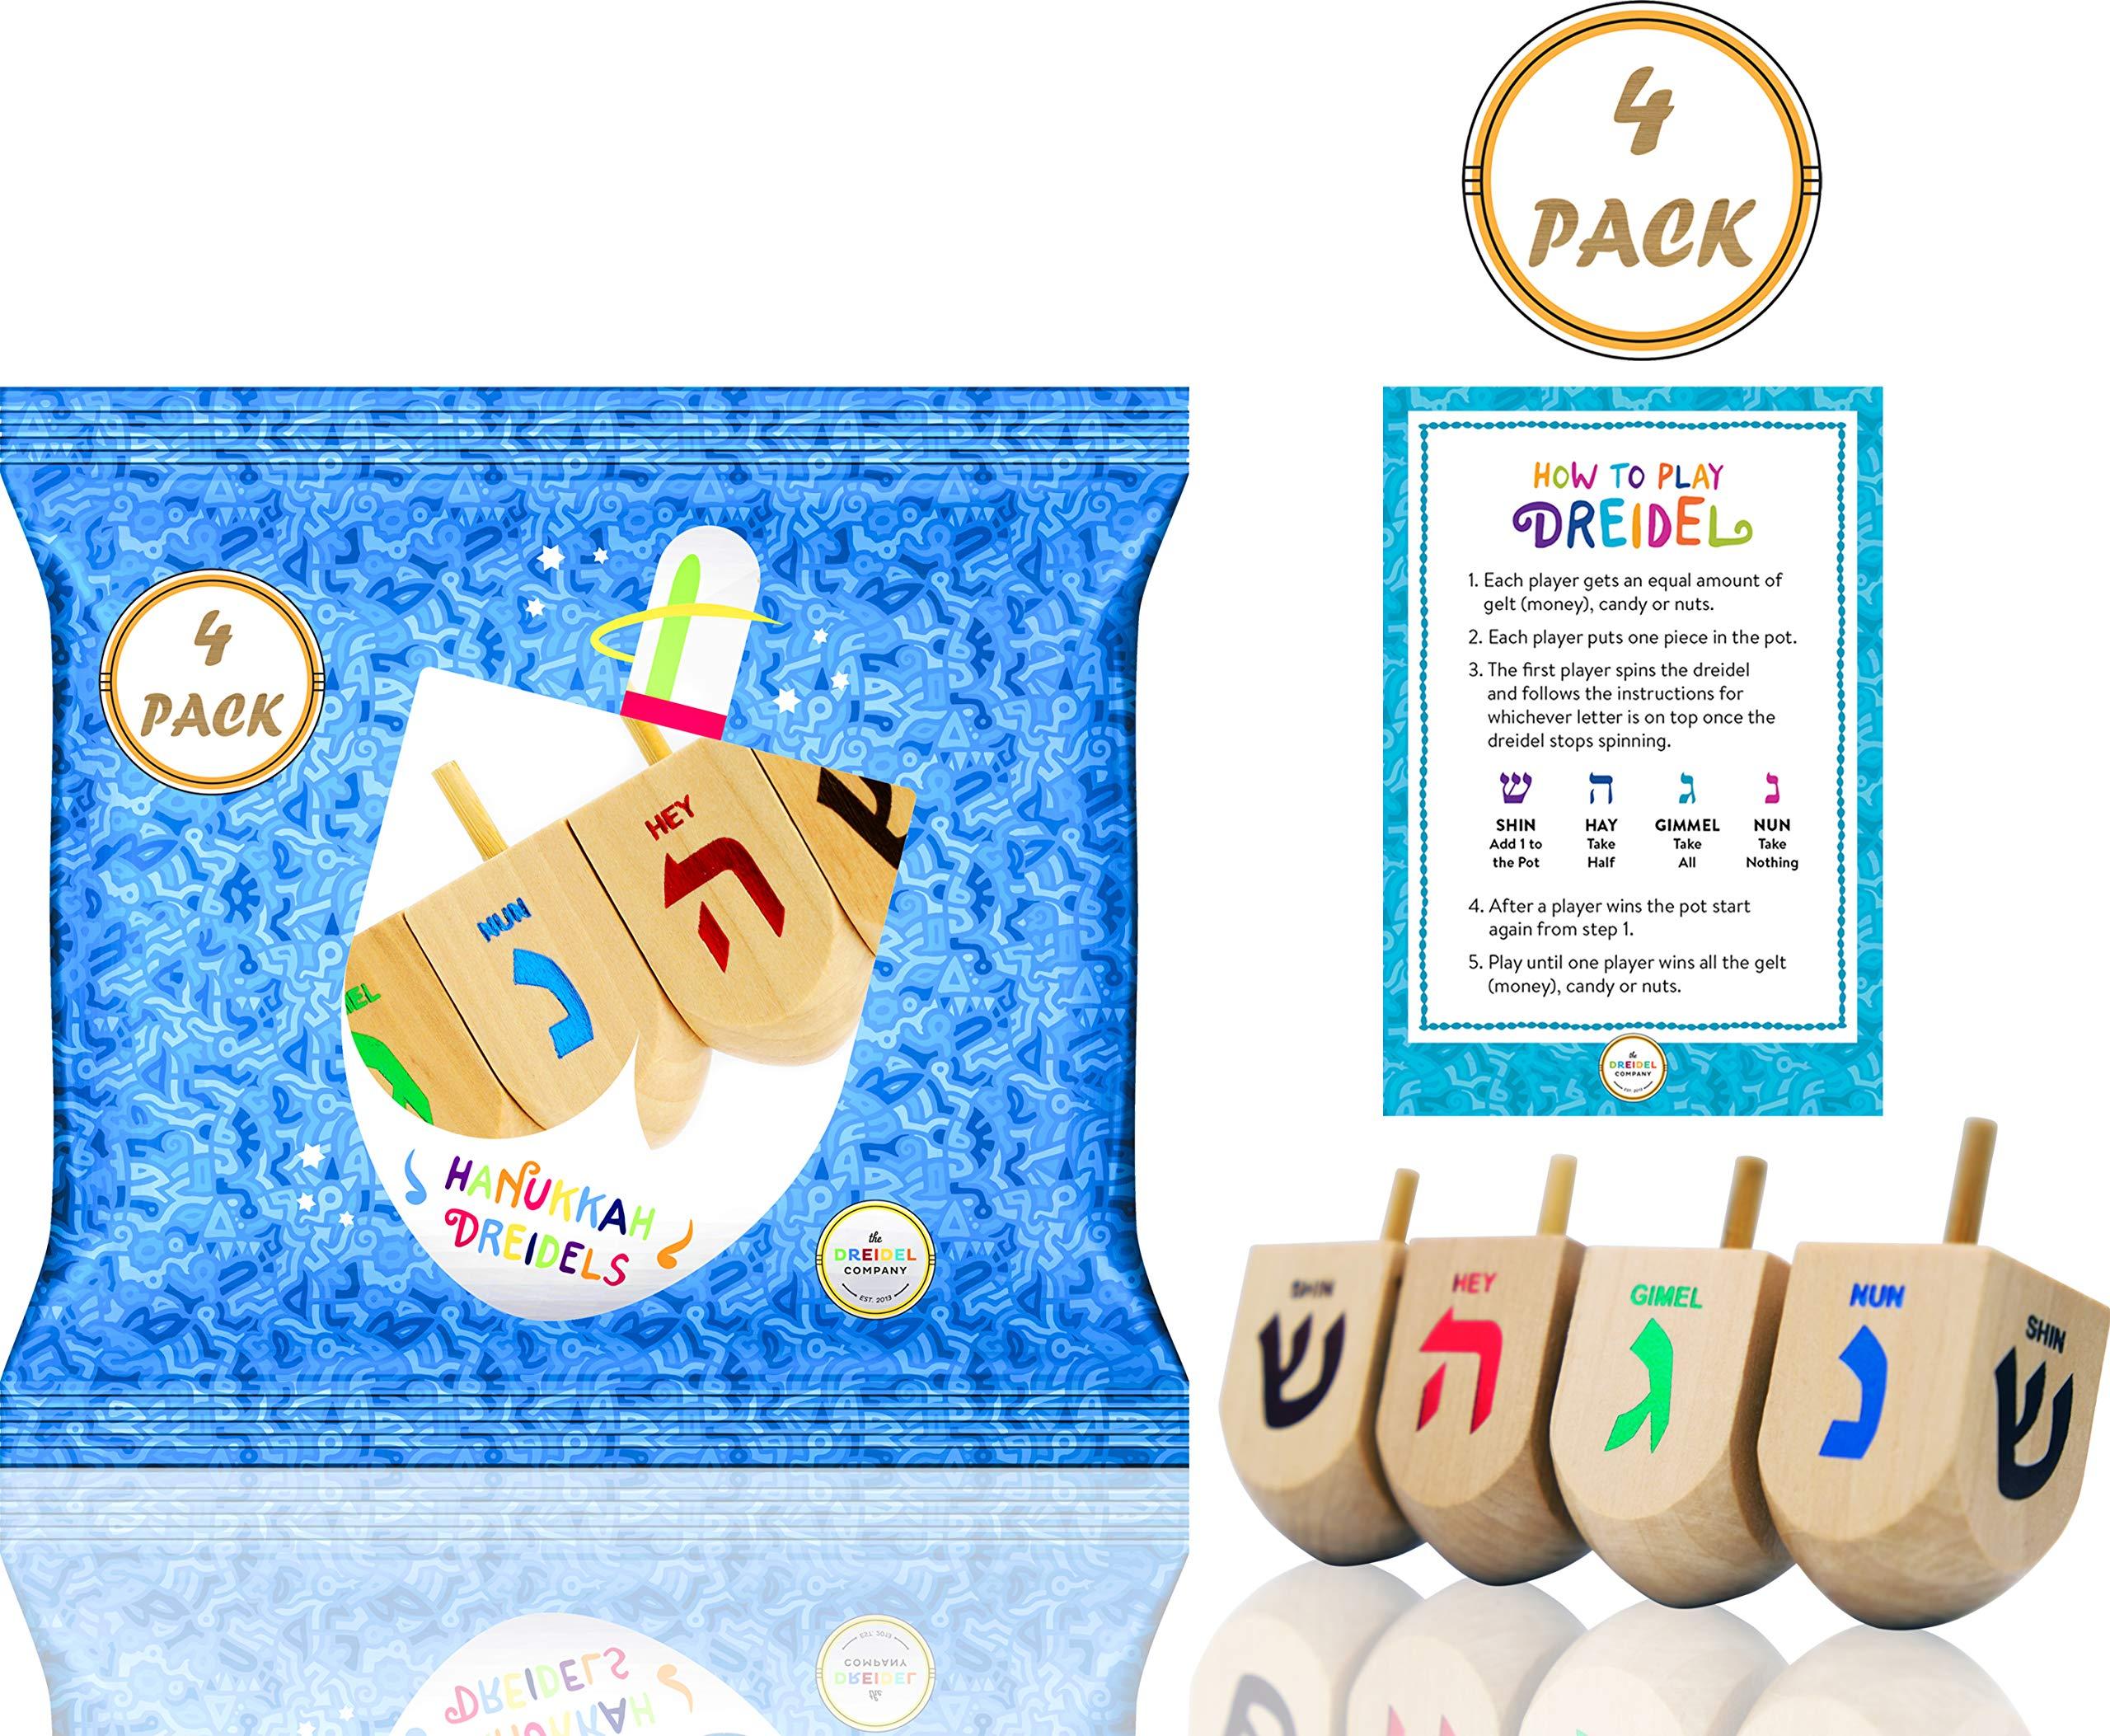 Hanukkah Dreidel Extra Large Wooden Dreidels Hand Painted - Includes Game Instruction Cards! (4-Pack XL Dreidels)